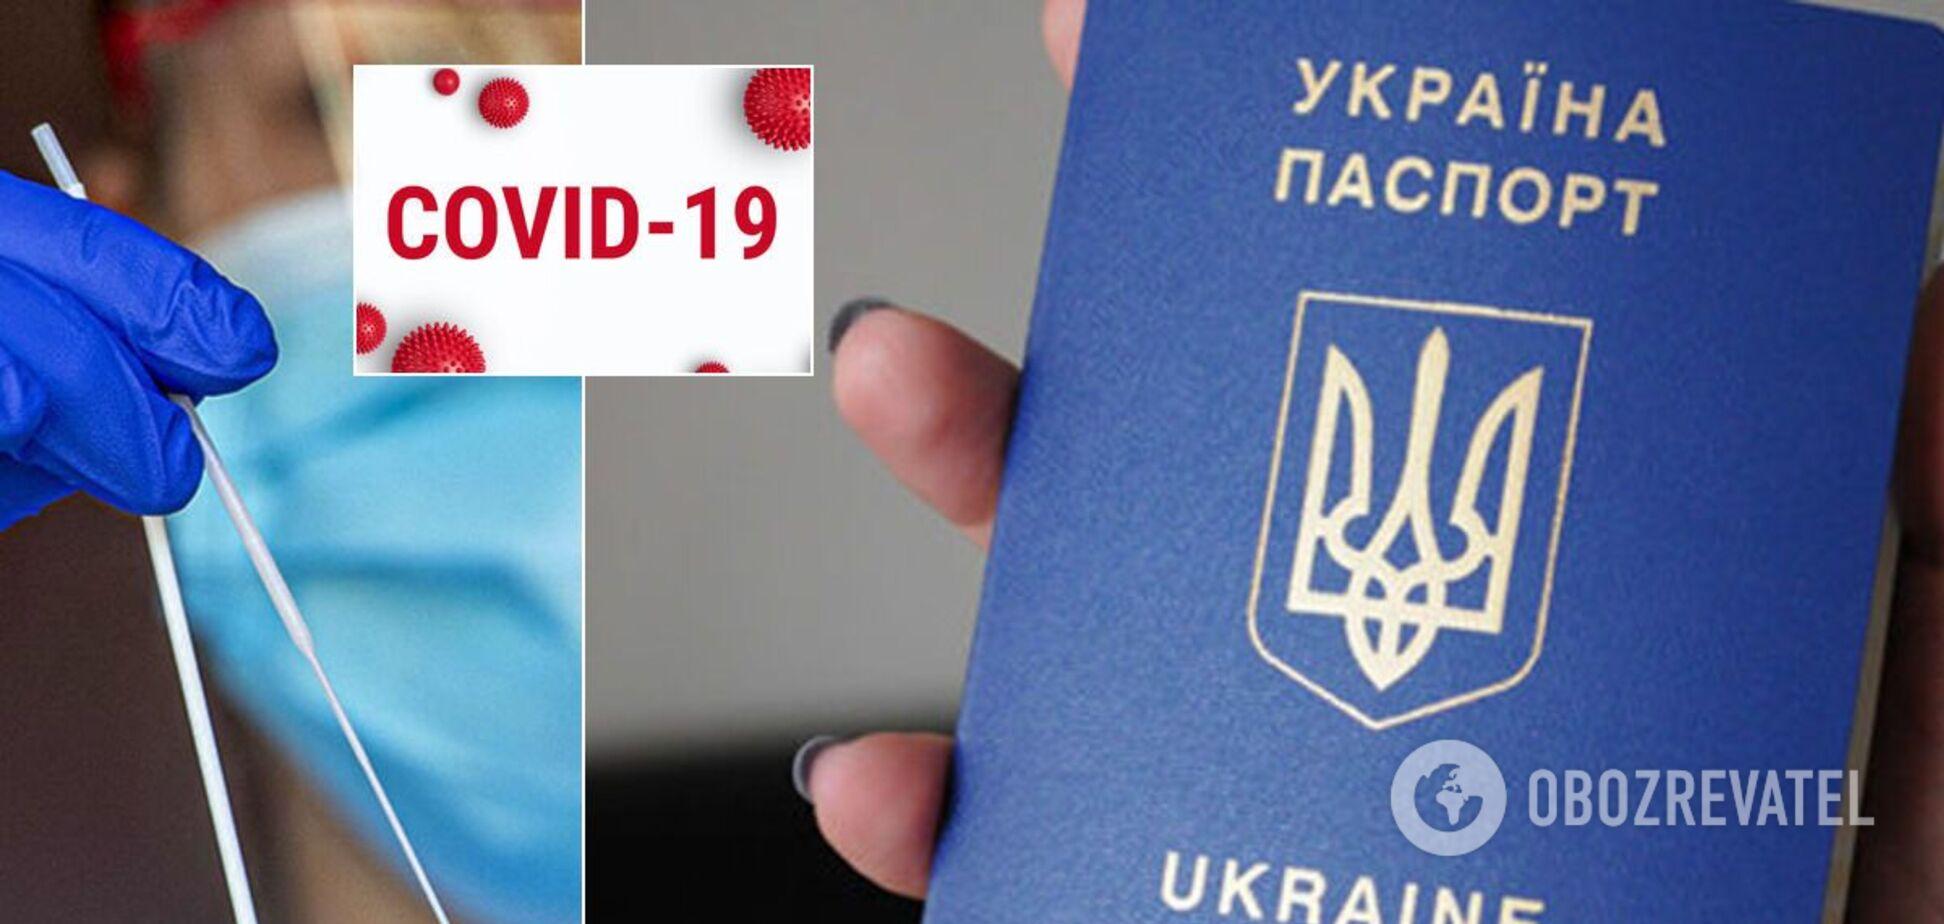 Навіщо потрібен паспорт при здачі тесту на коронавірус